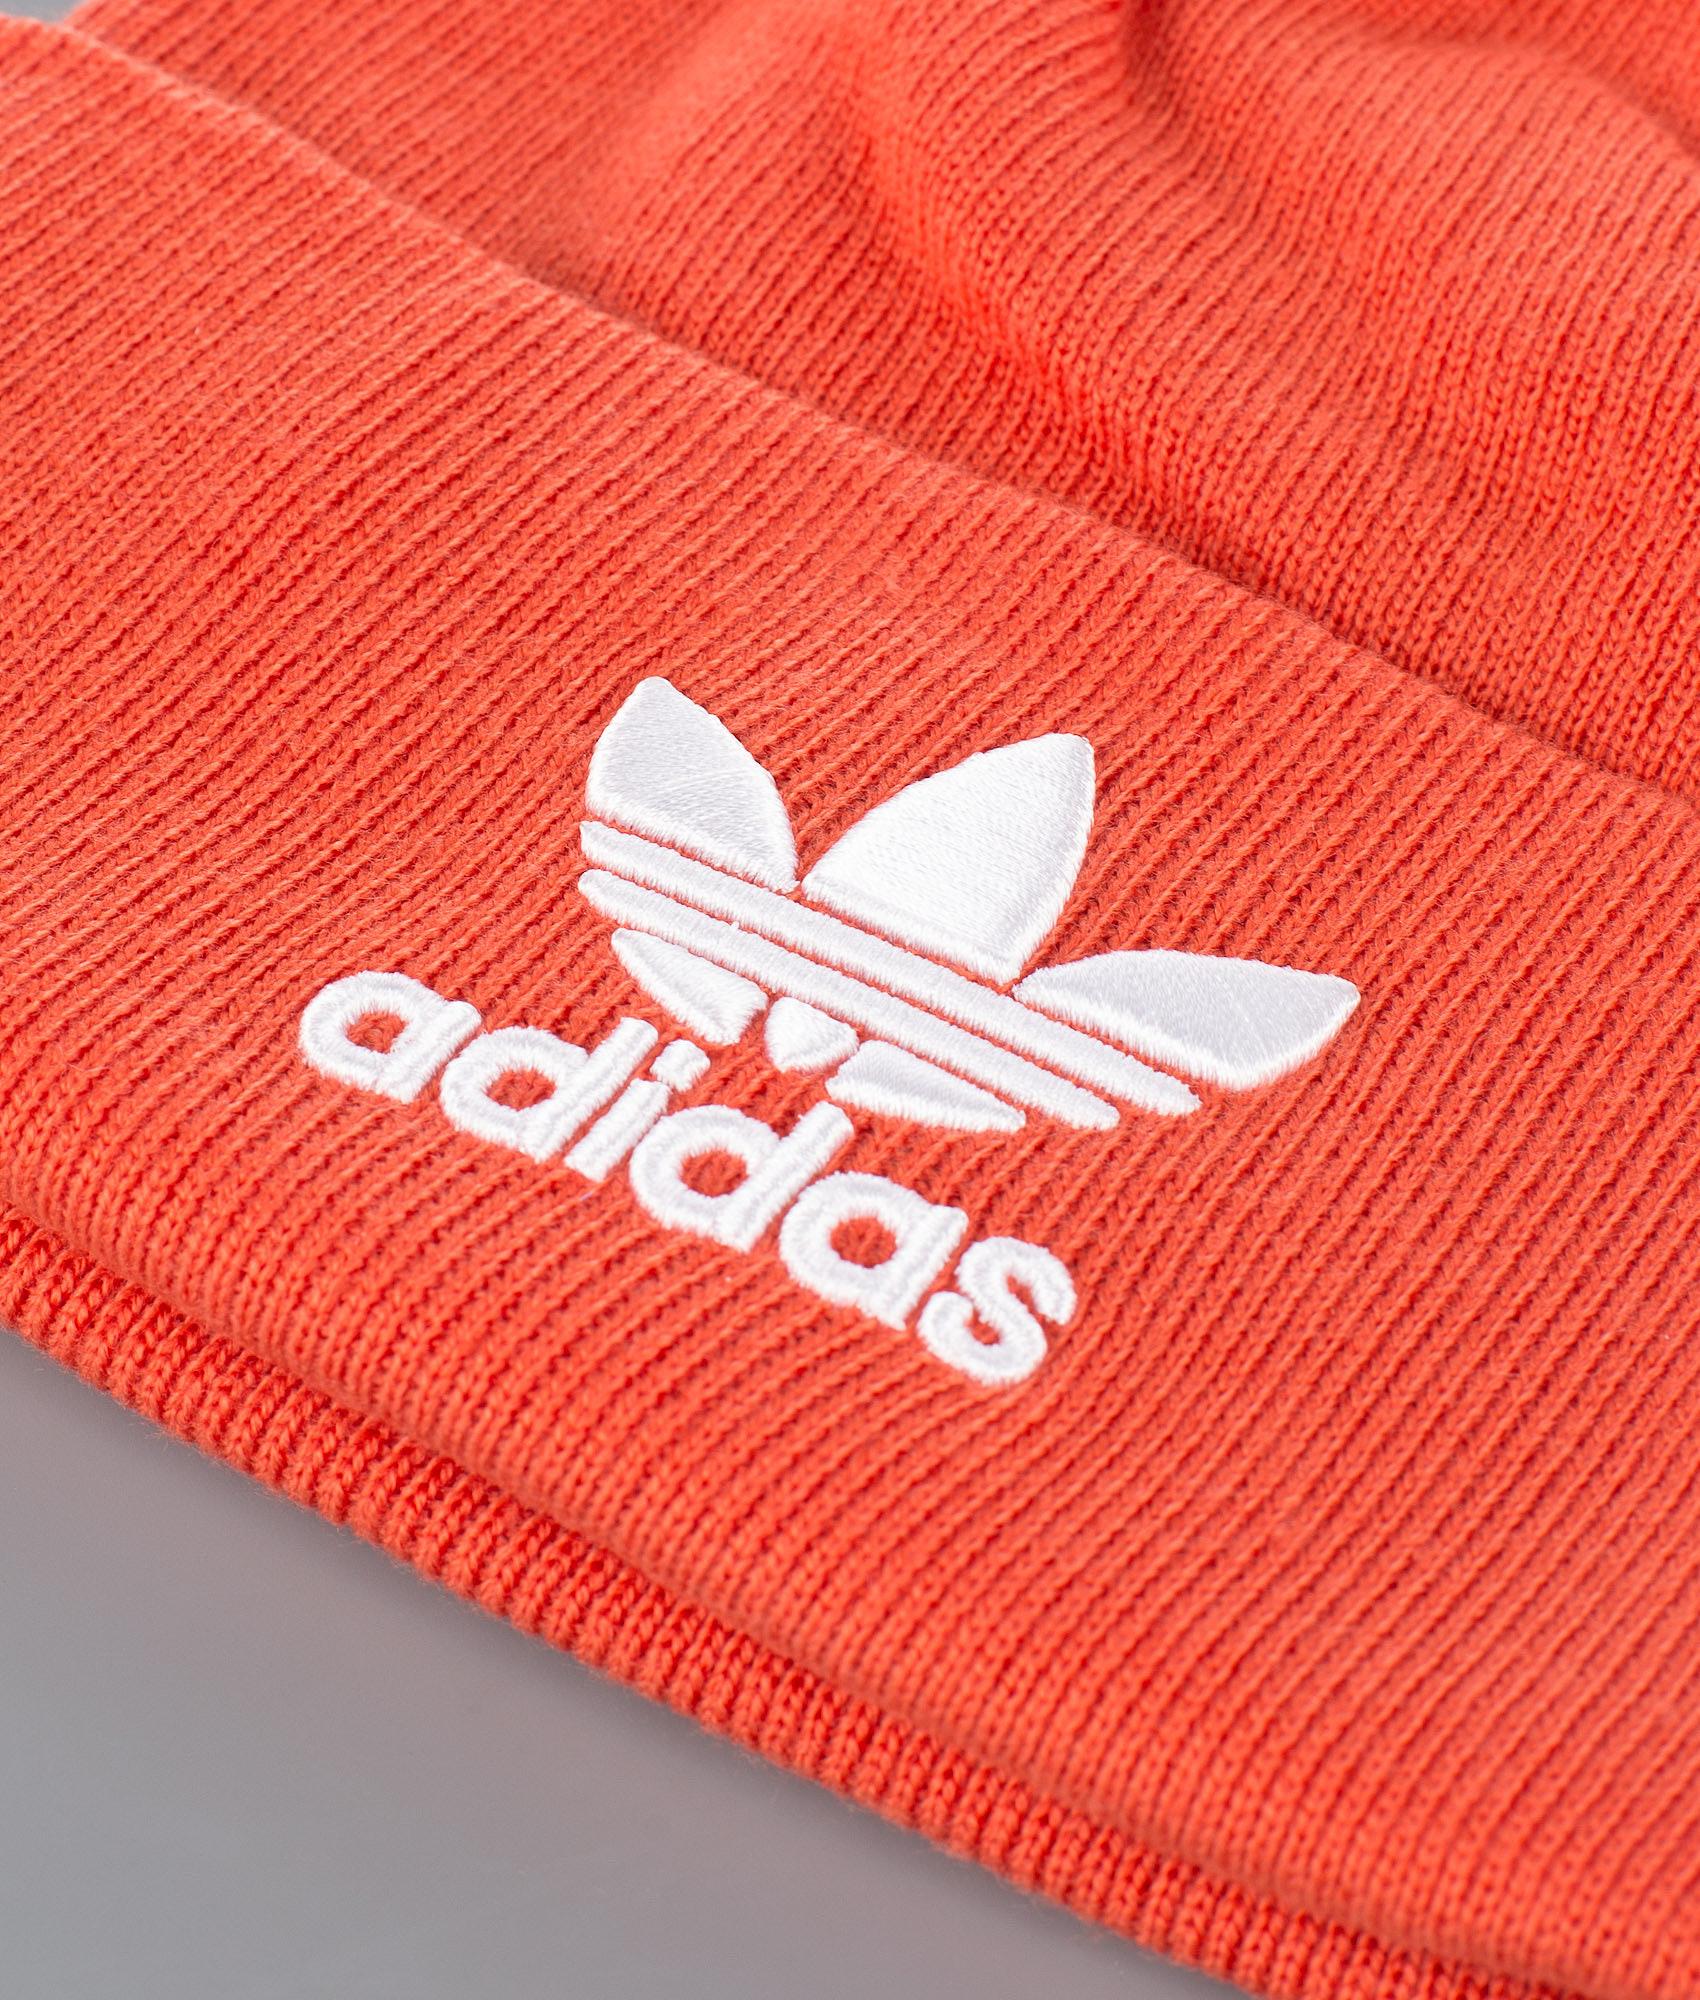 462661b6e Adidas Originals Trefoil Beanie Raw Amber